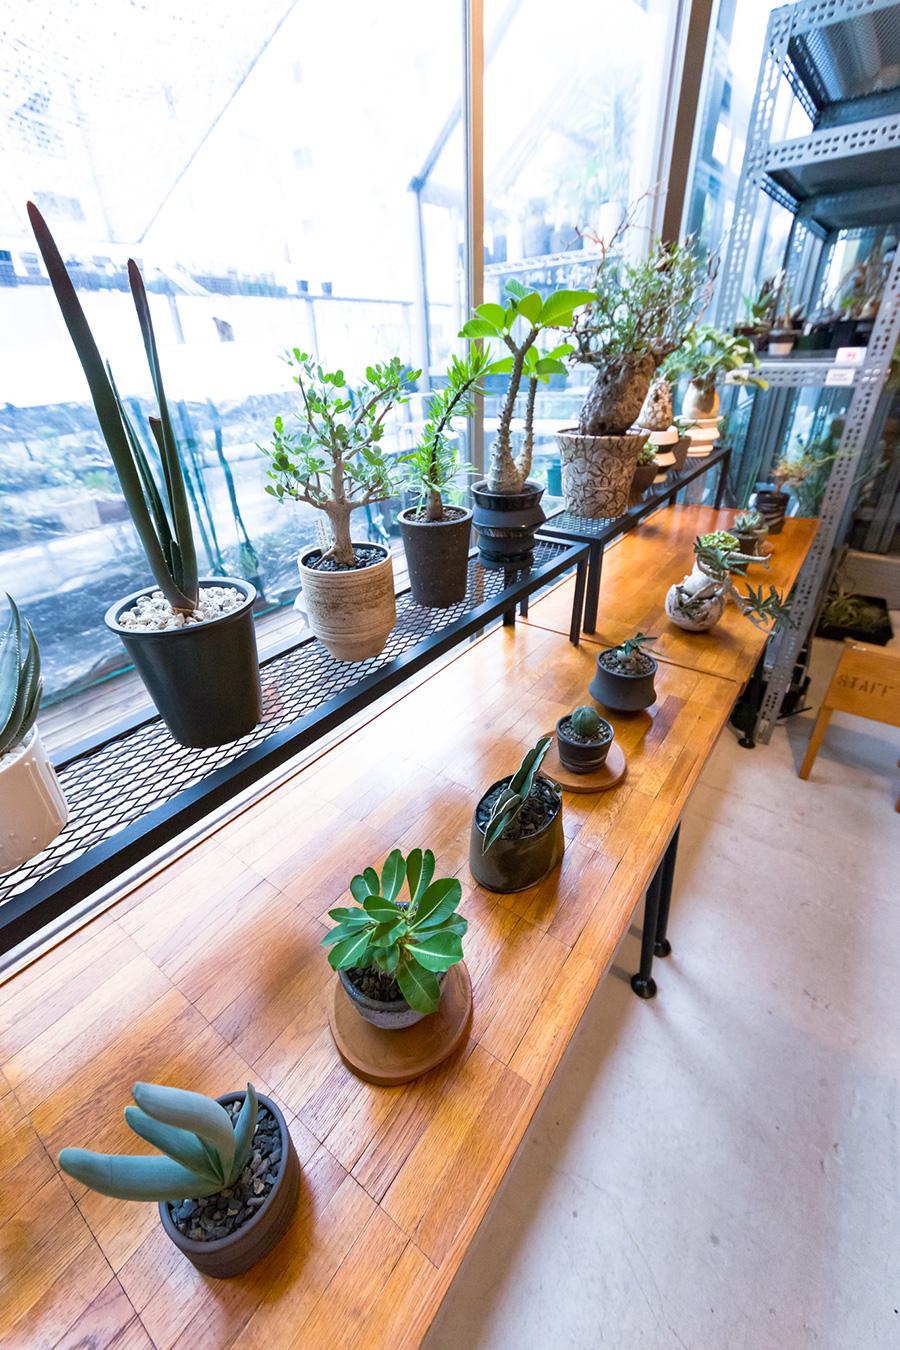 明るい窓辺に鉢に植えられた植物が並ぶ。